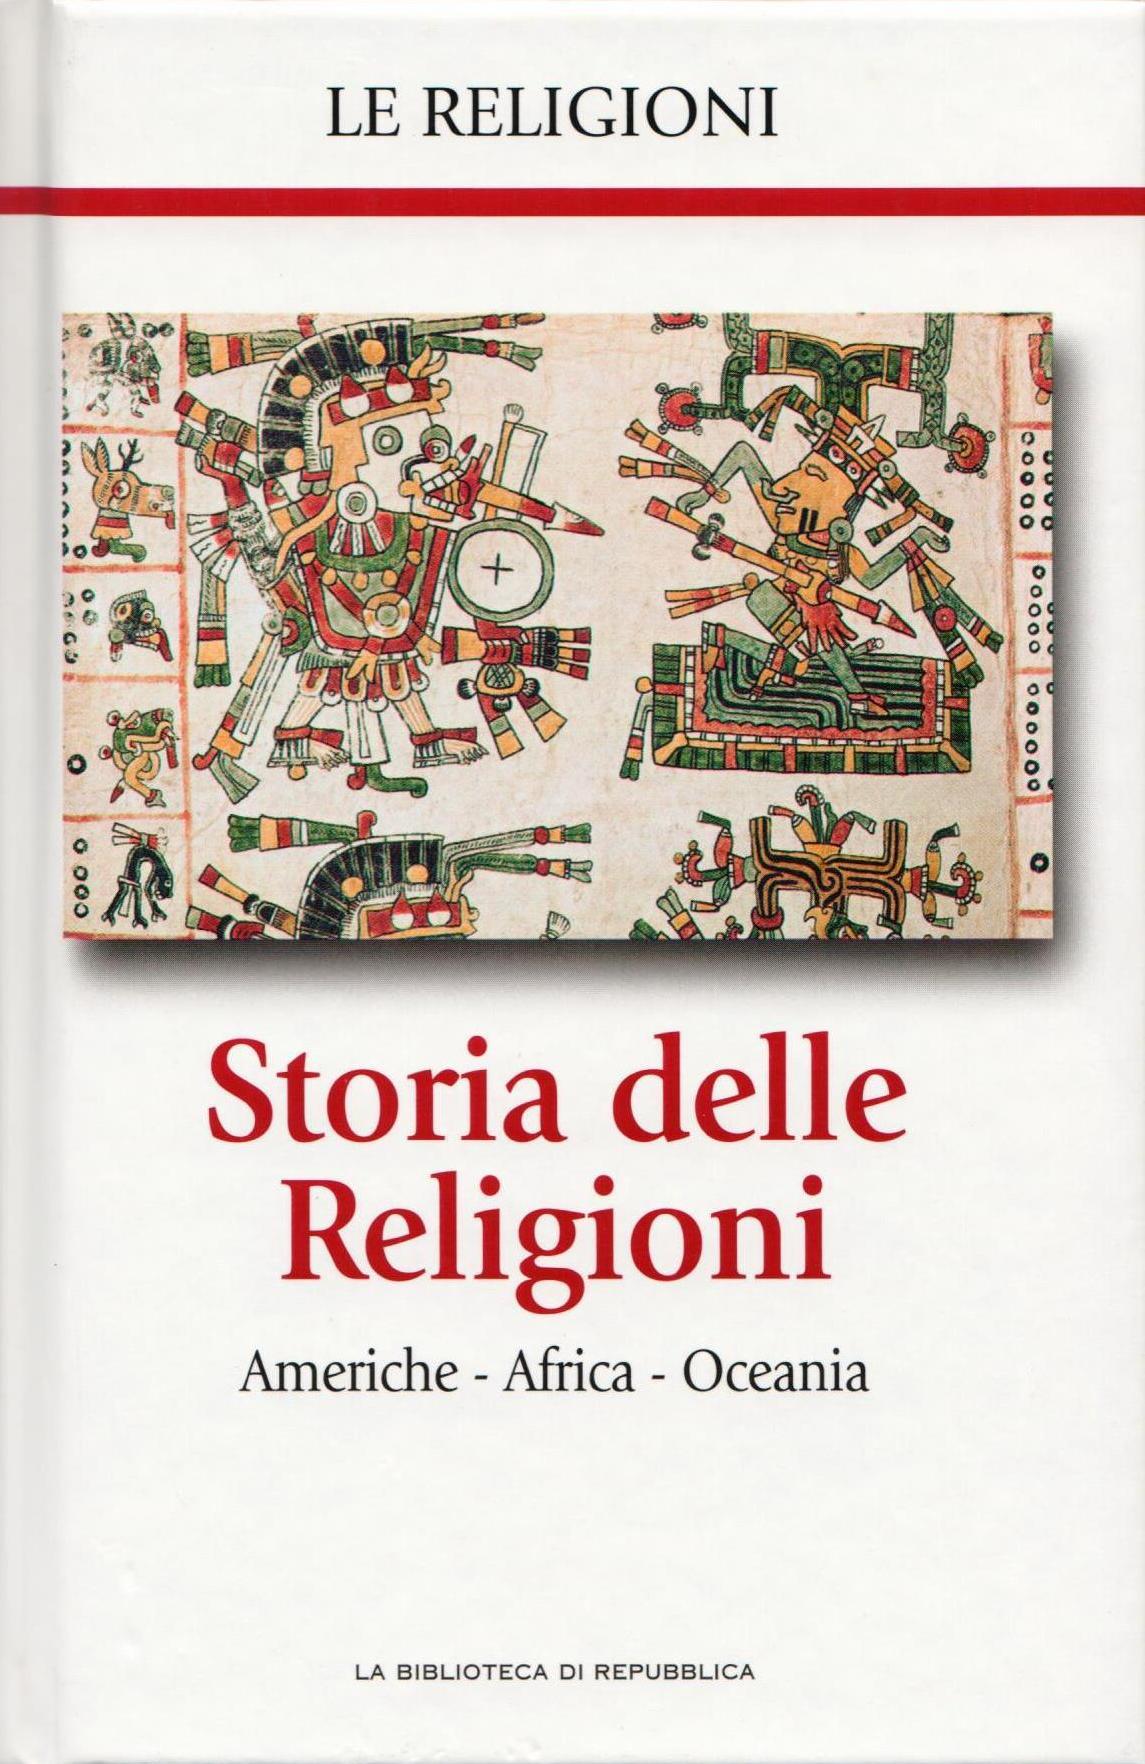 Storia delle religioni: Americhe - Africa - Oceania